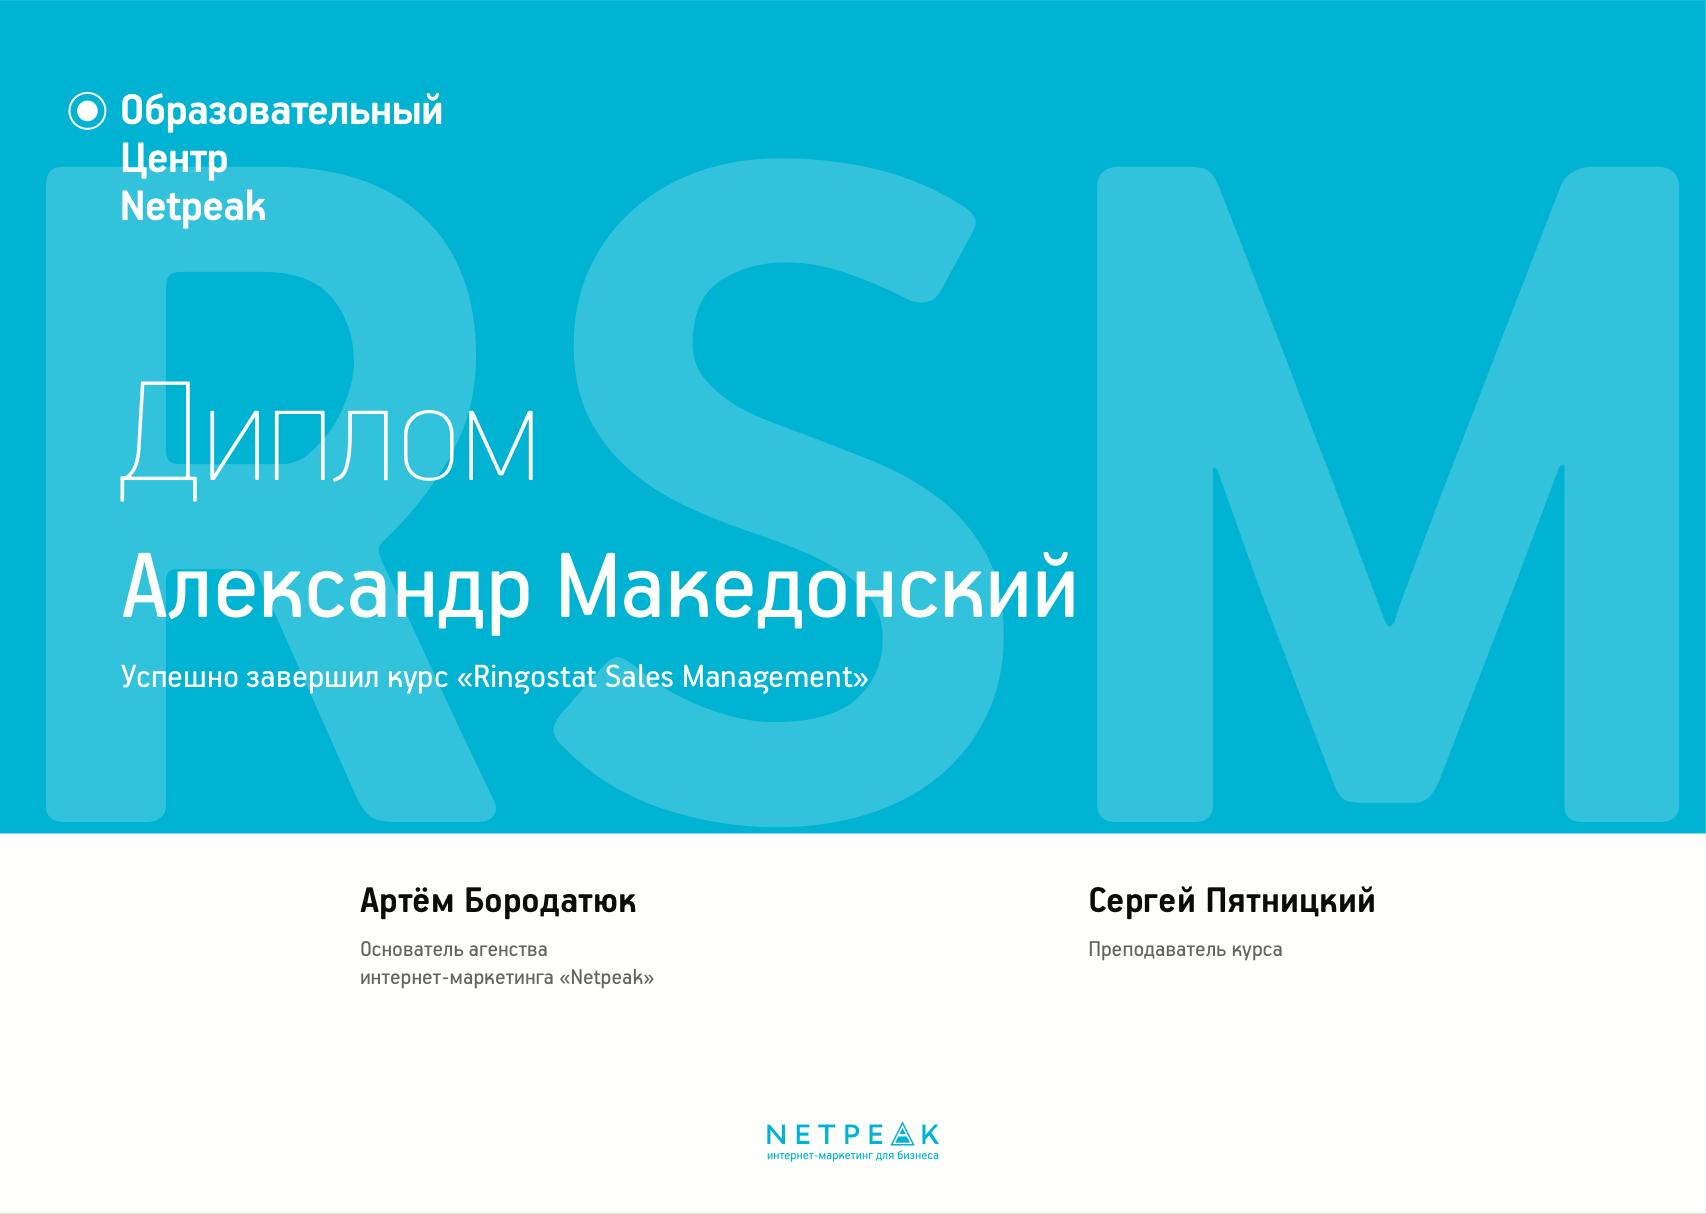 Диплом об окончании курса «RSM: Ringostat: Sales Management (Черкассы)»